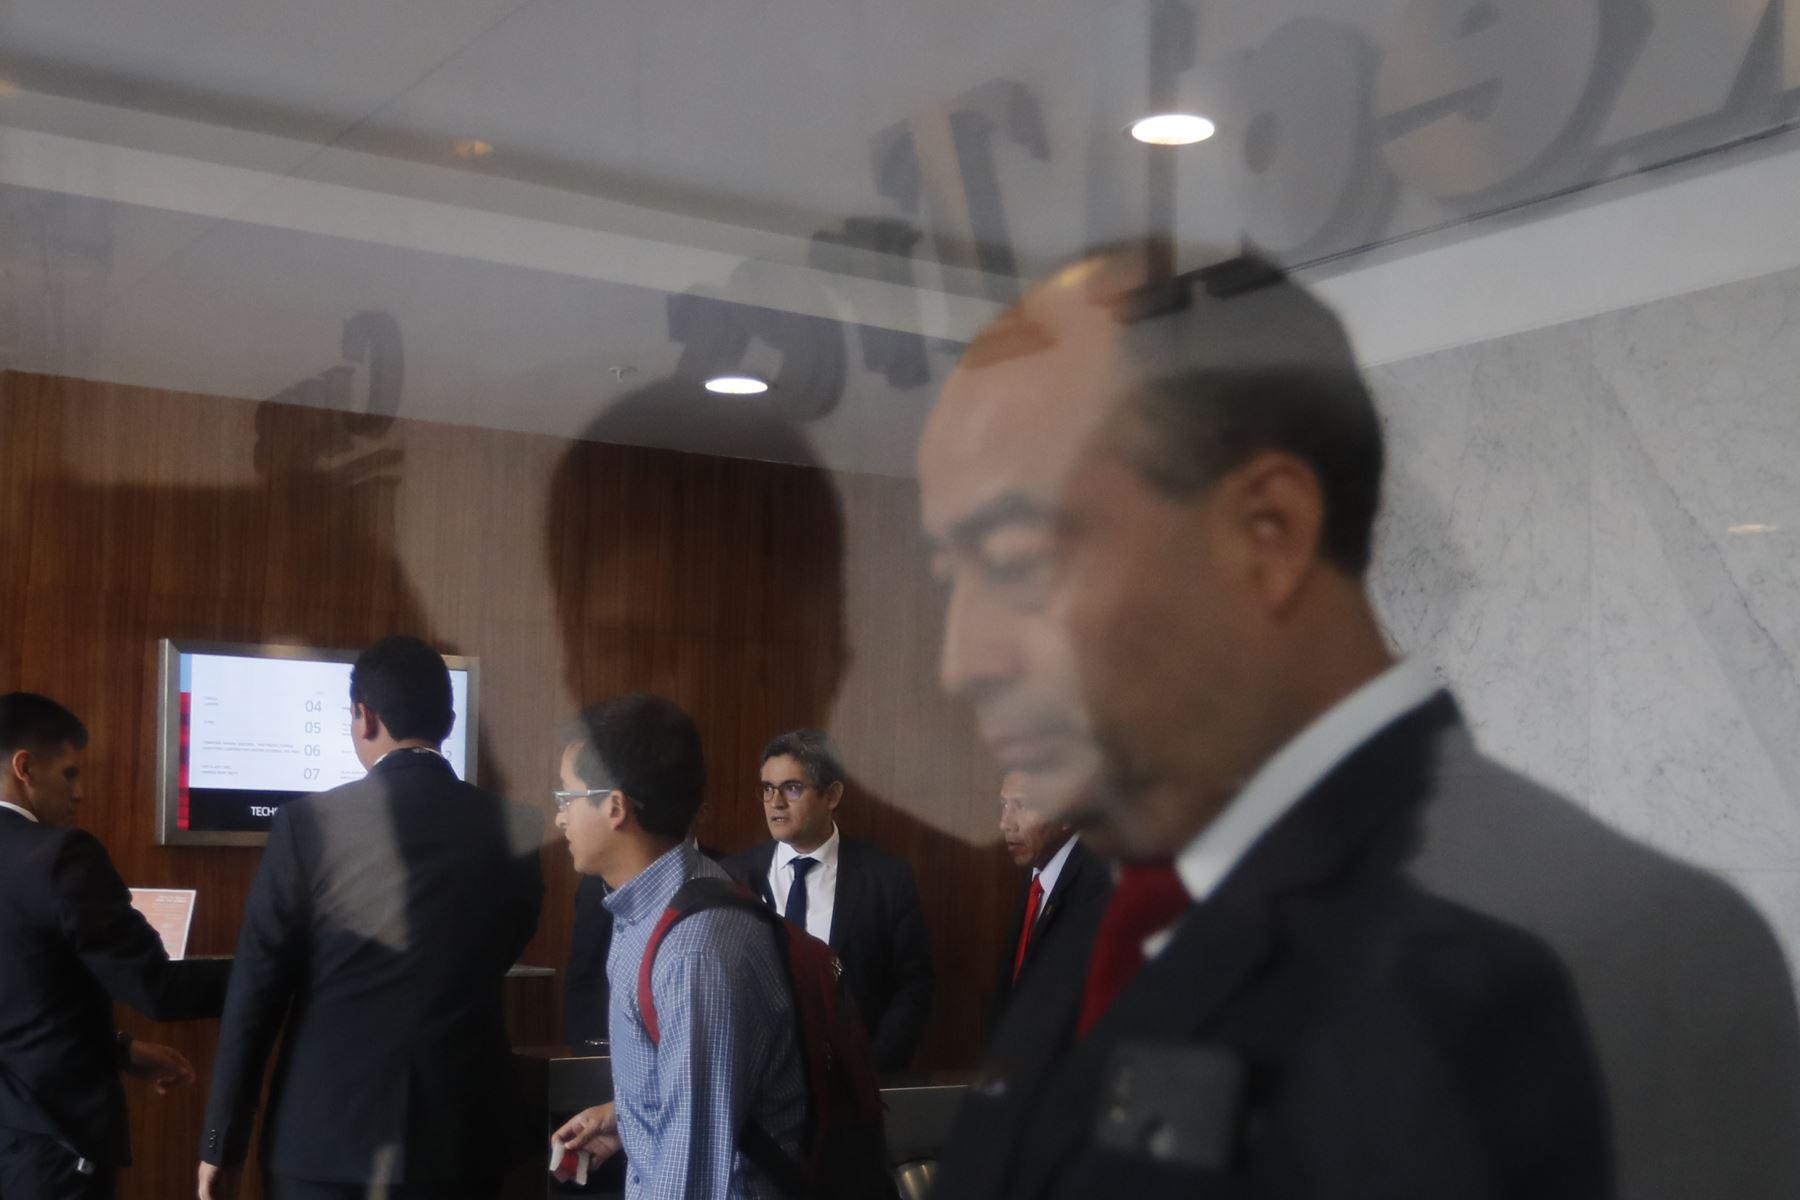 El fiscal José Domingo Pérez, del equipo especial Lava Jato, lleva a cabo una diligencia de allanamiento en las oficinas de la Confederación Nacional de Instituciones Empresariales Privadas (Confiep), en el distrito de San Isidro. Foto: ANDINA/Carlos Lezama.